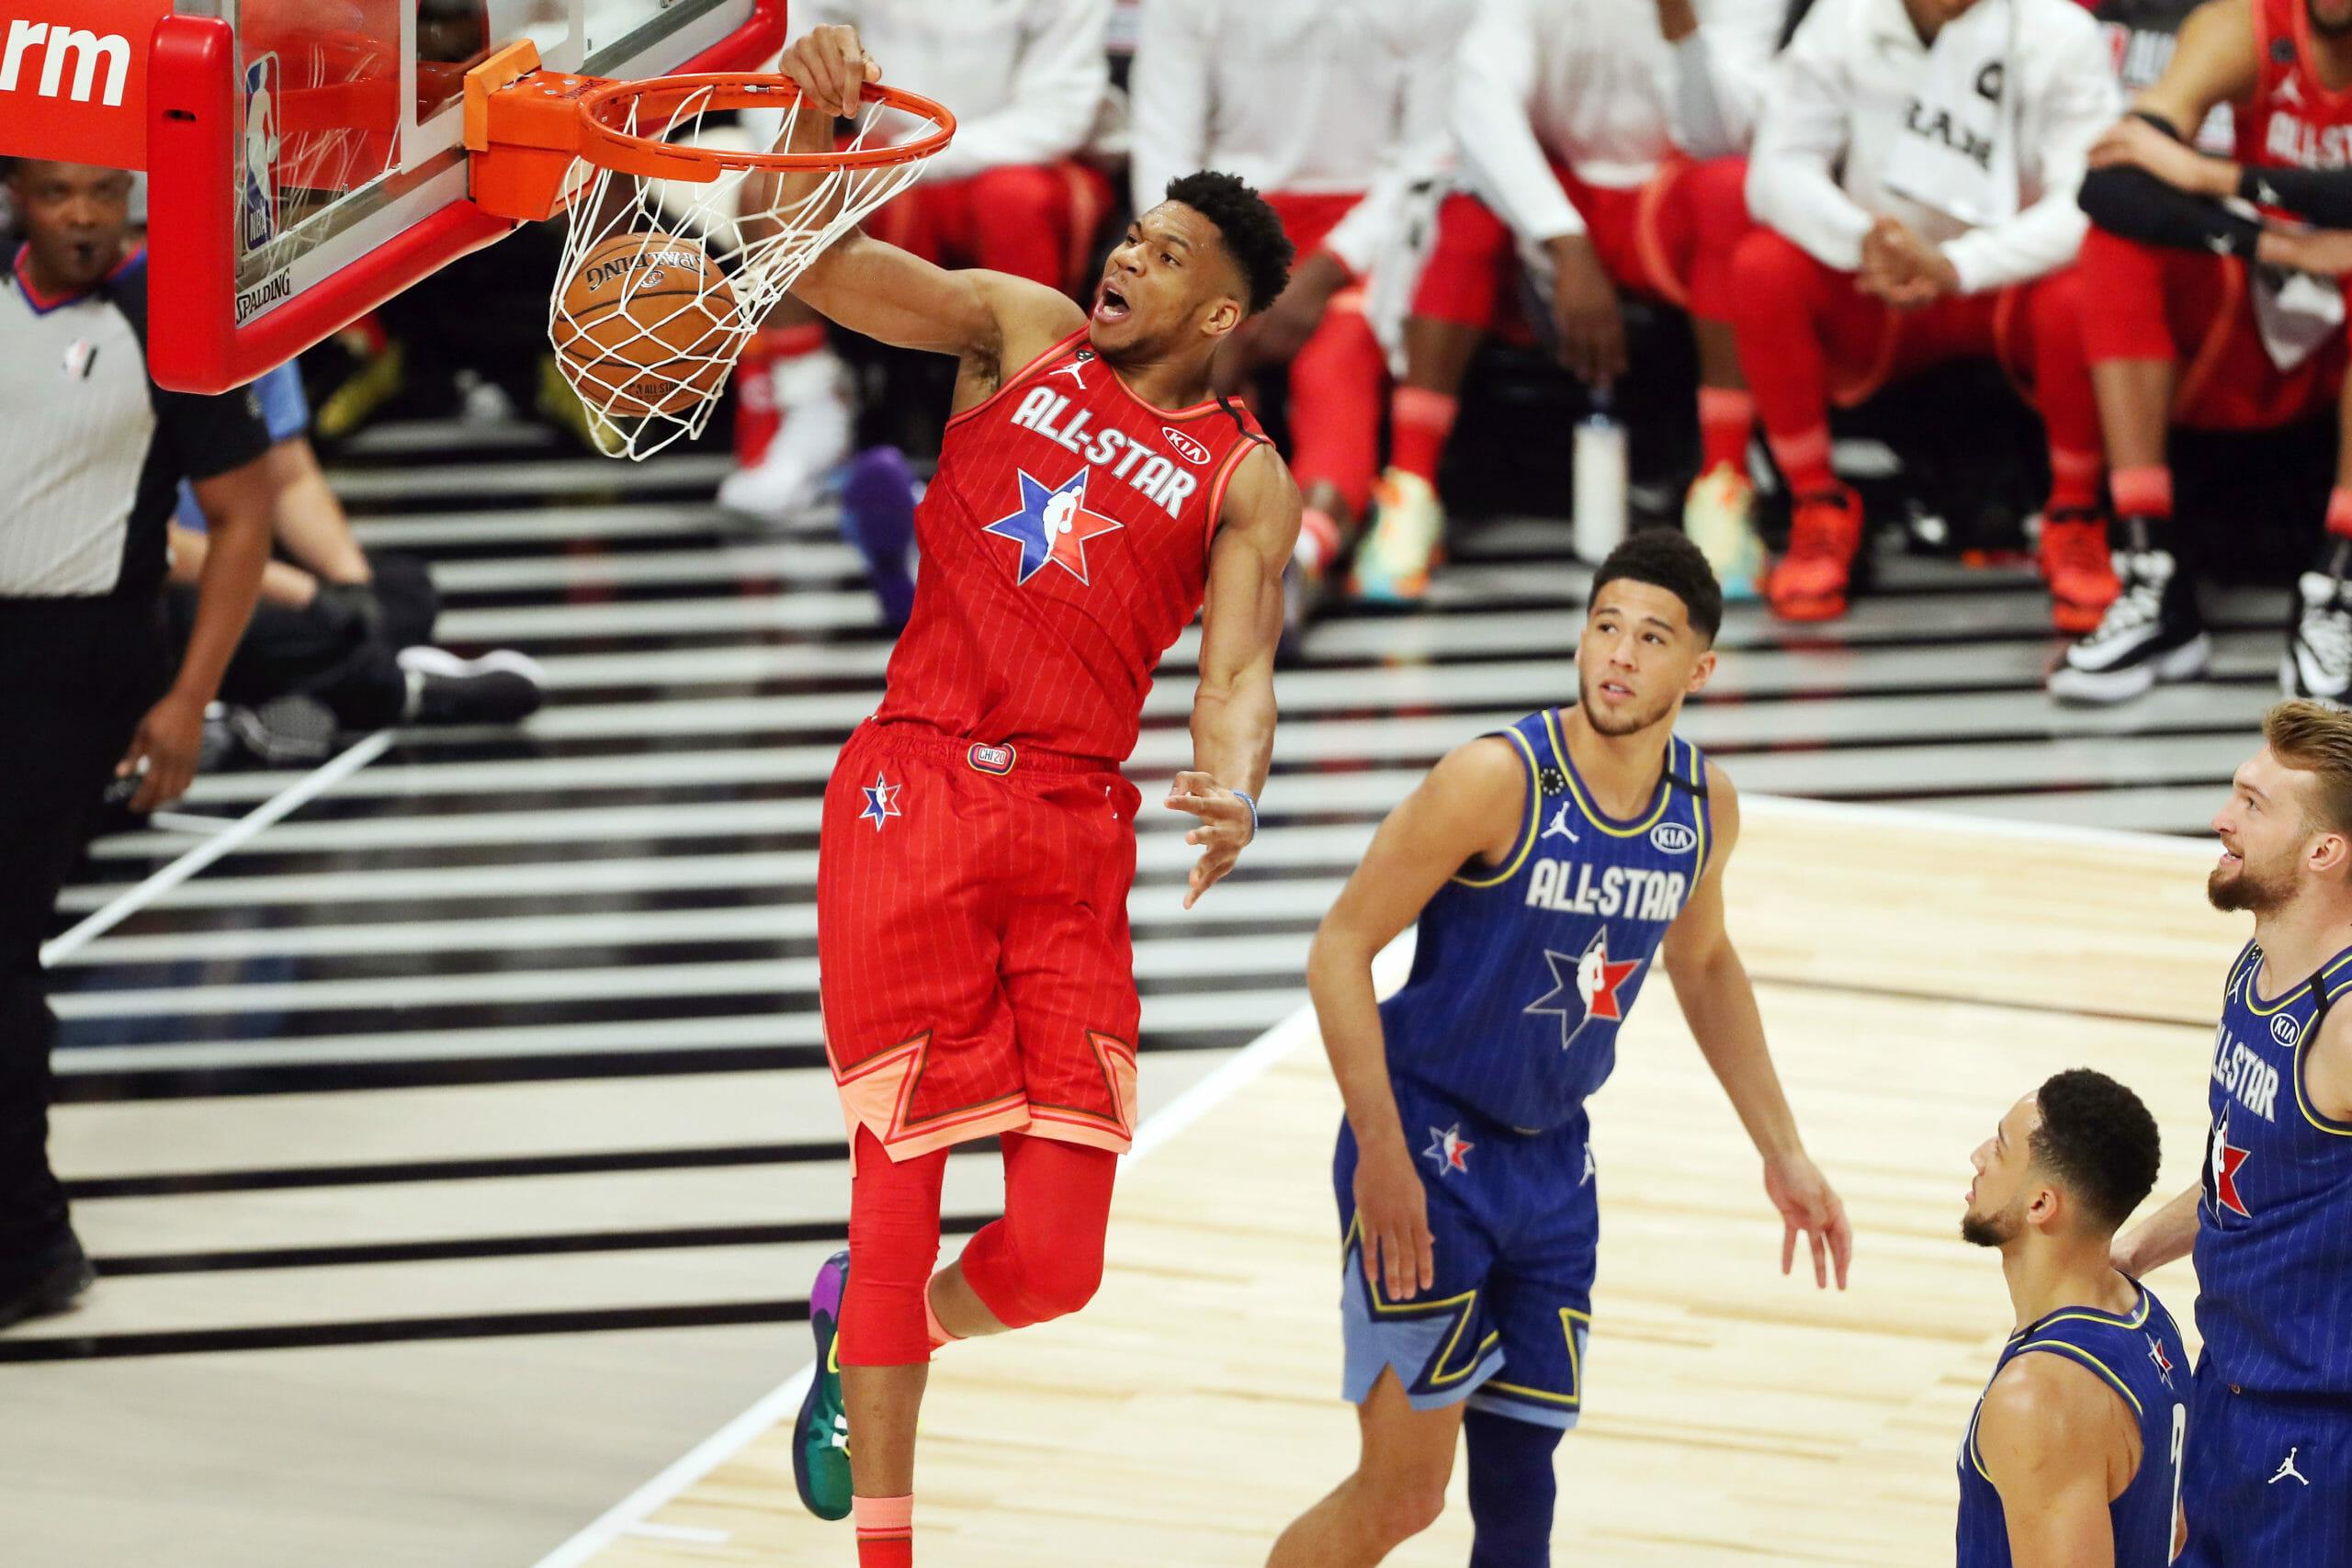 NBA All Star: Χάνει την πρωτιά ο Αντετοκούνμπο από τον Ντουράντ – Τα πρώτα αποτελέσματα (pic)